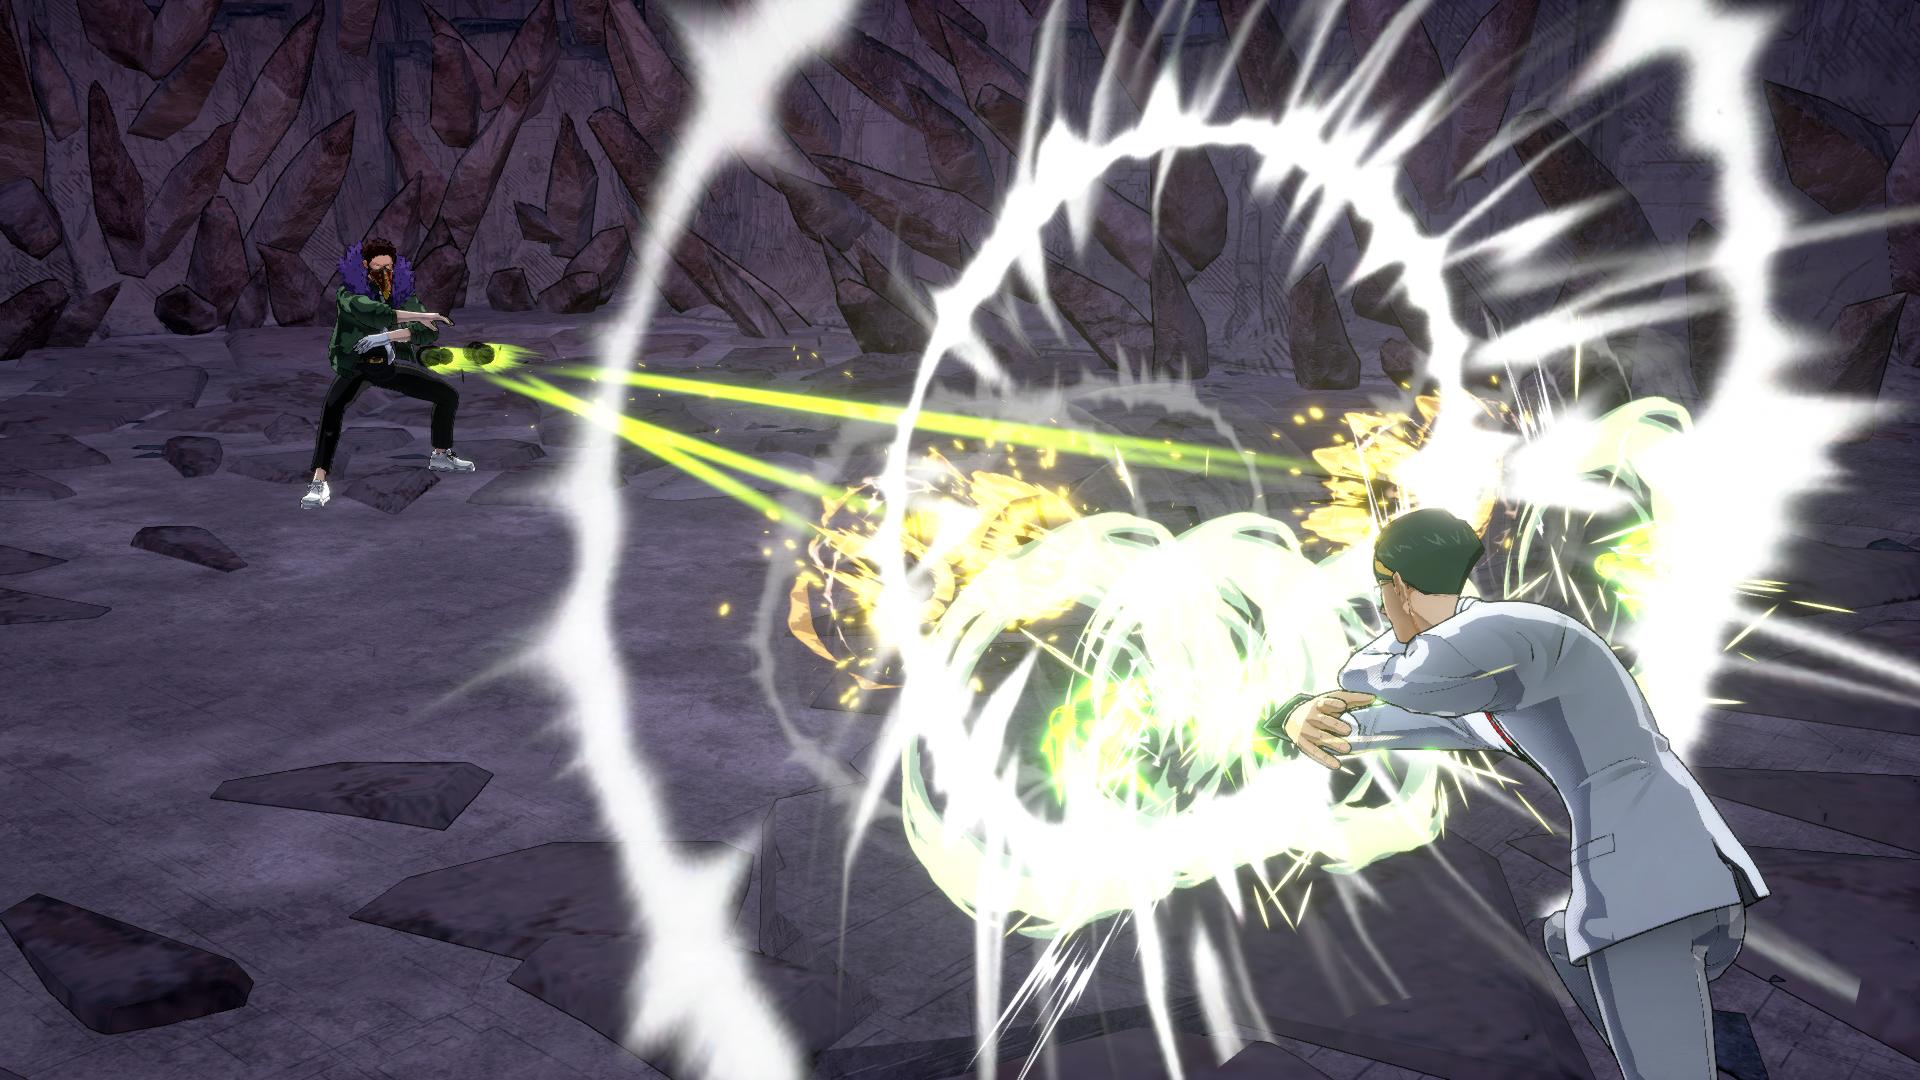 49651157491 521f37a2da o - Ein My Hero One's Justice 2′-Guide zu den neuen Charakteren des Arena Fighters für PS4